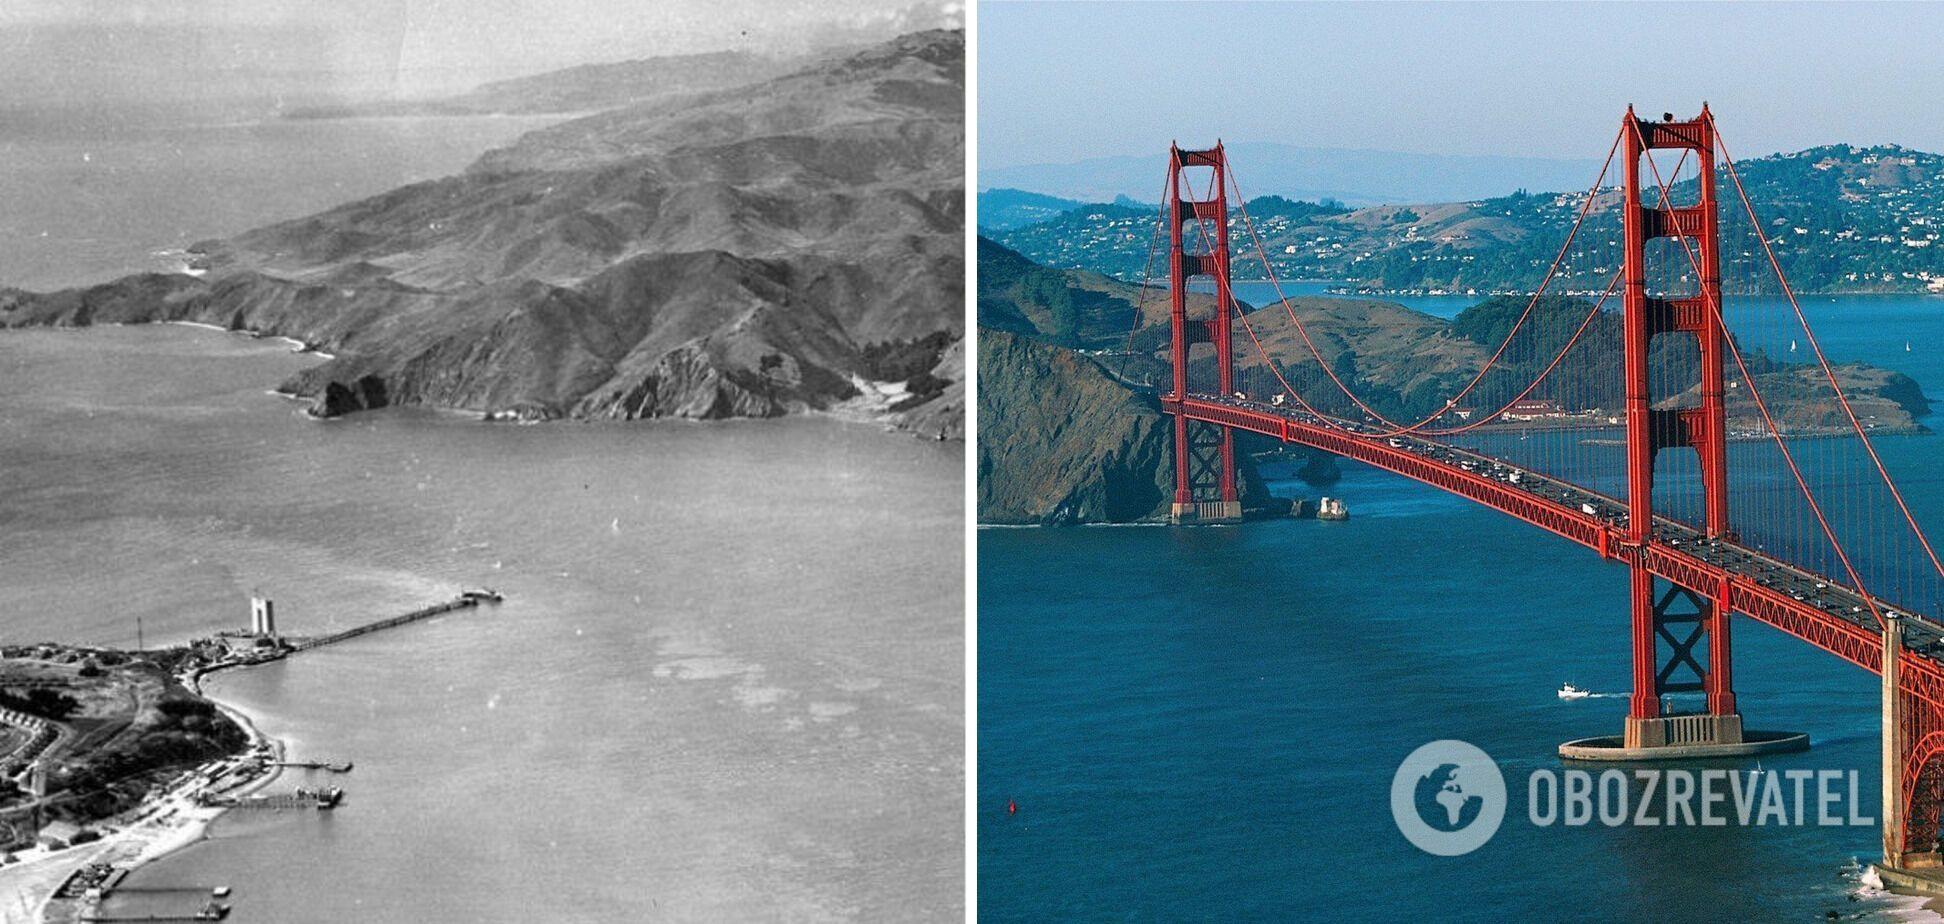 Сан-Франциско до и после строительства моста Золотые ворота.